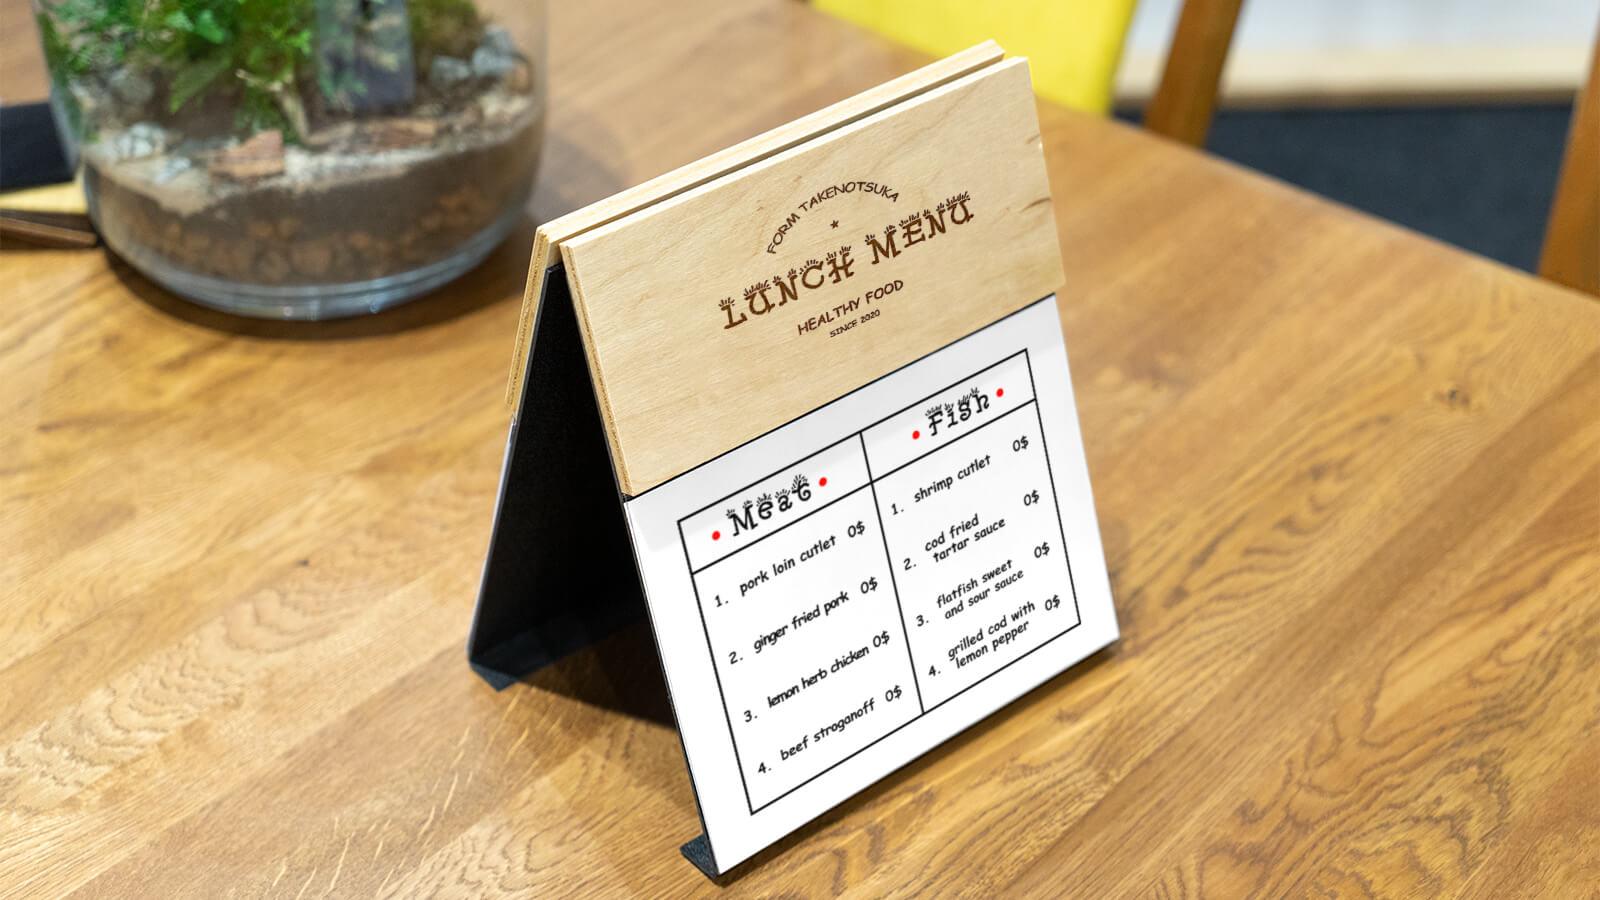 無料の昼食サービスで健康管理をして就職への土台を作る概要画像